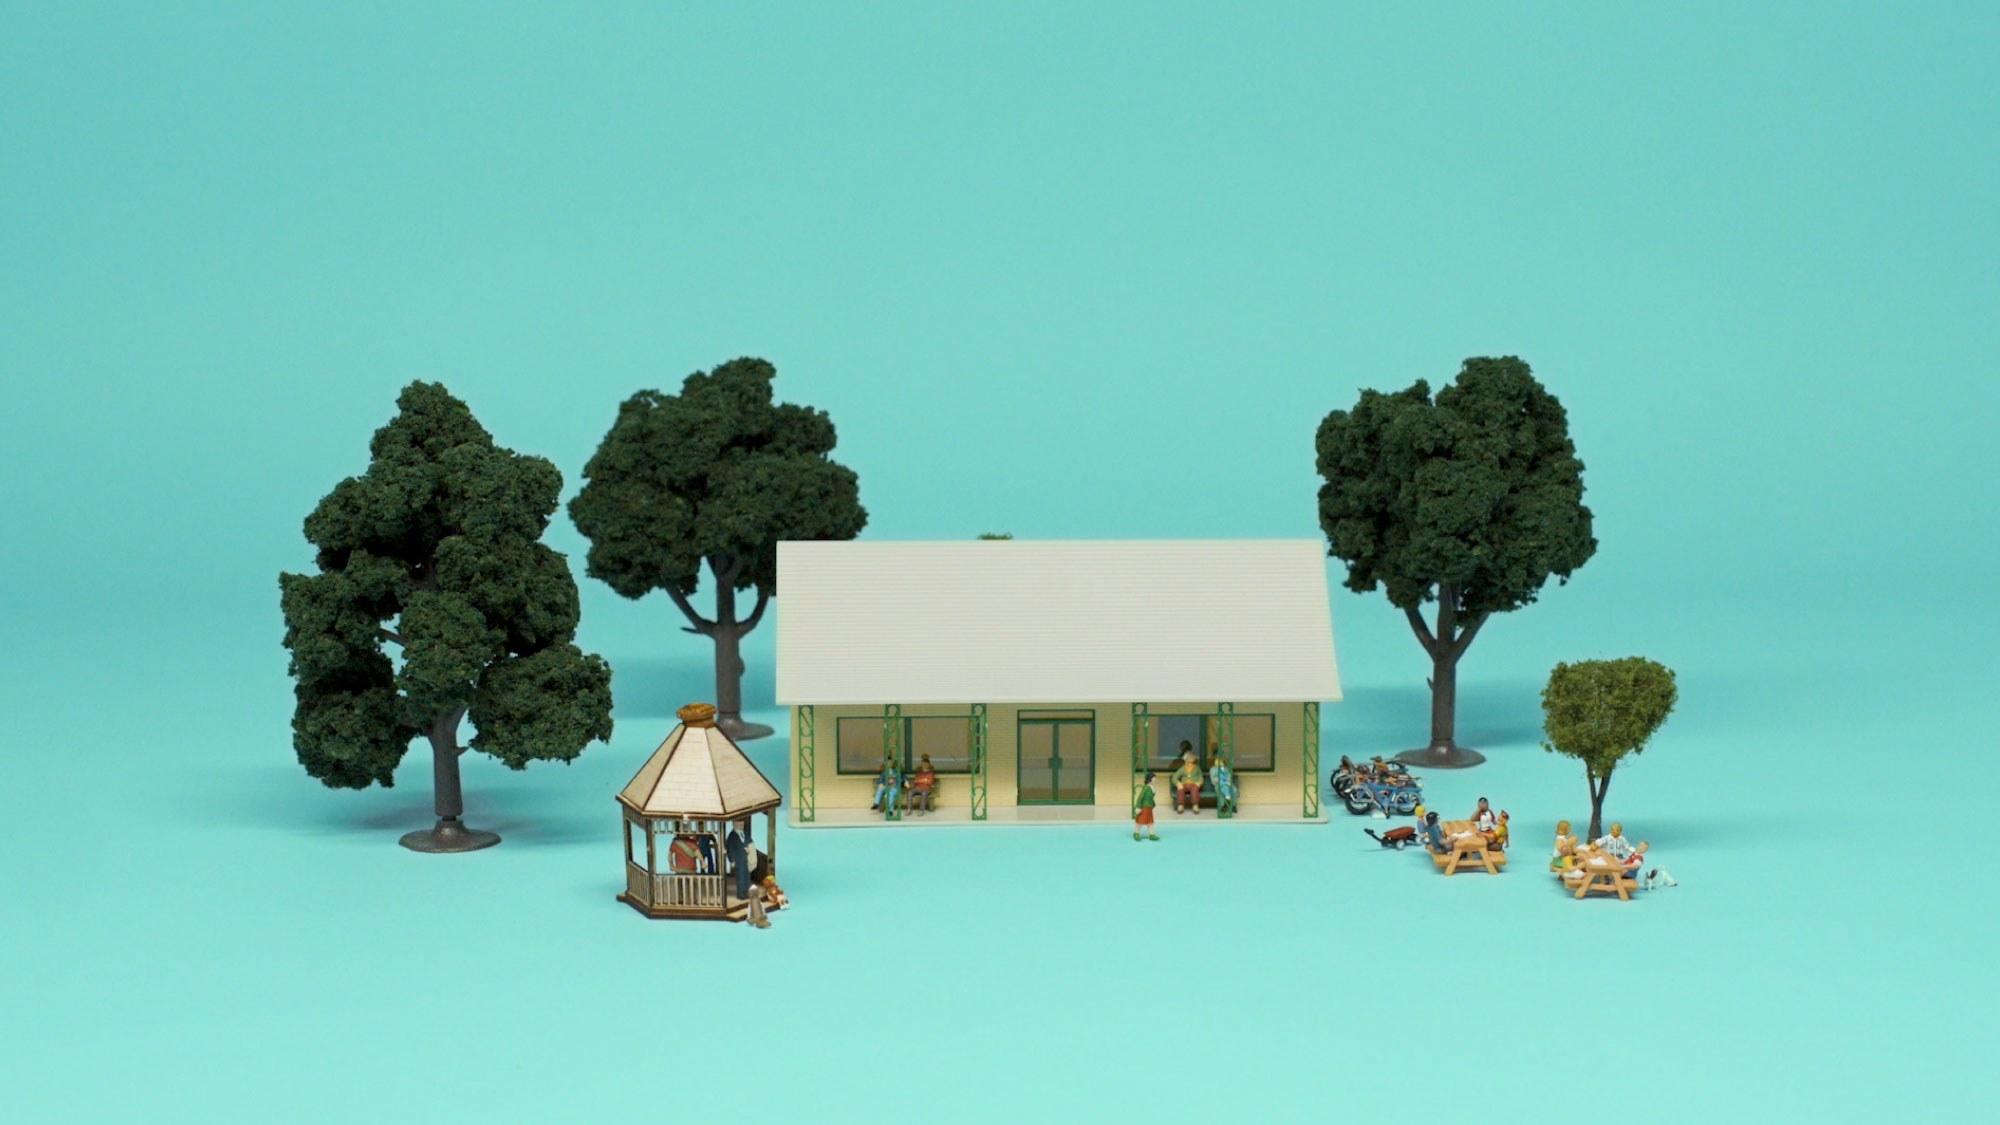 mini figurines of people at a community hall